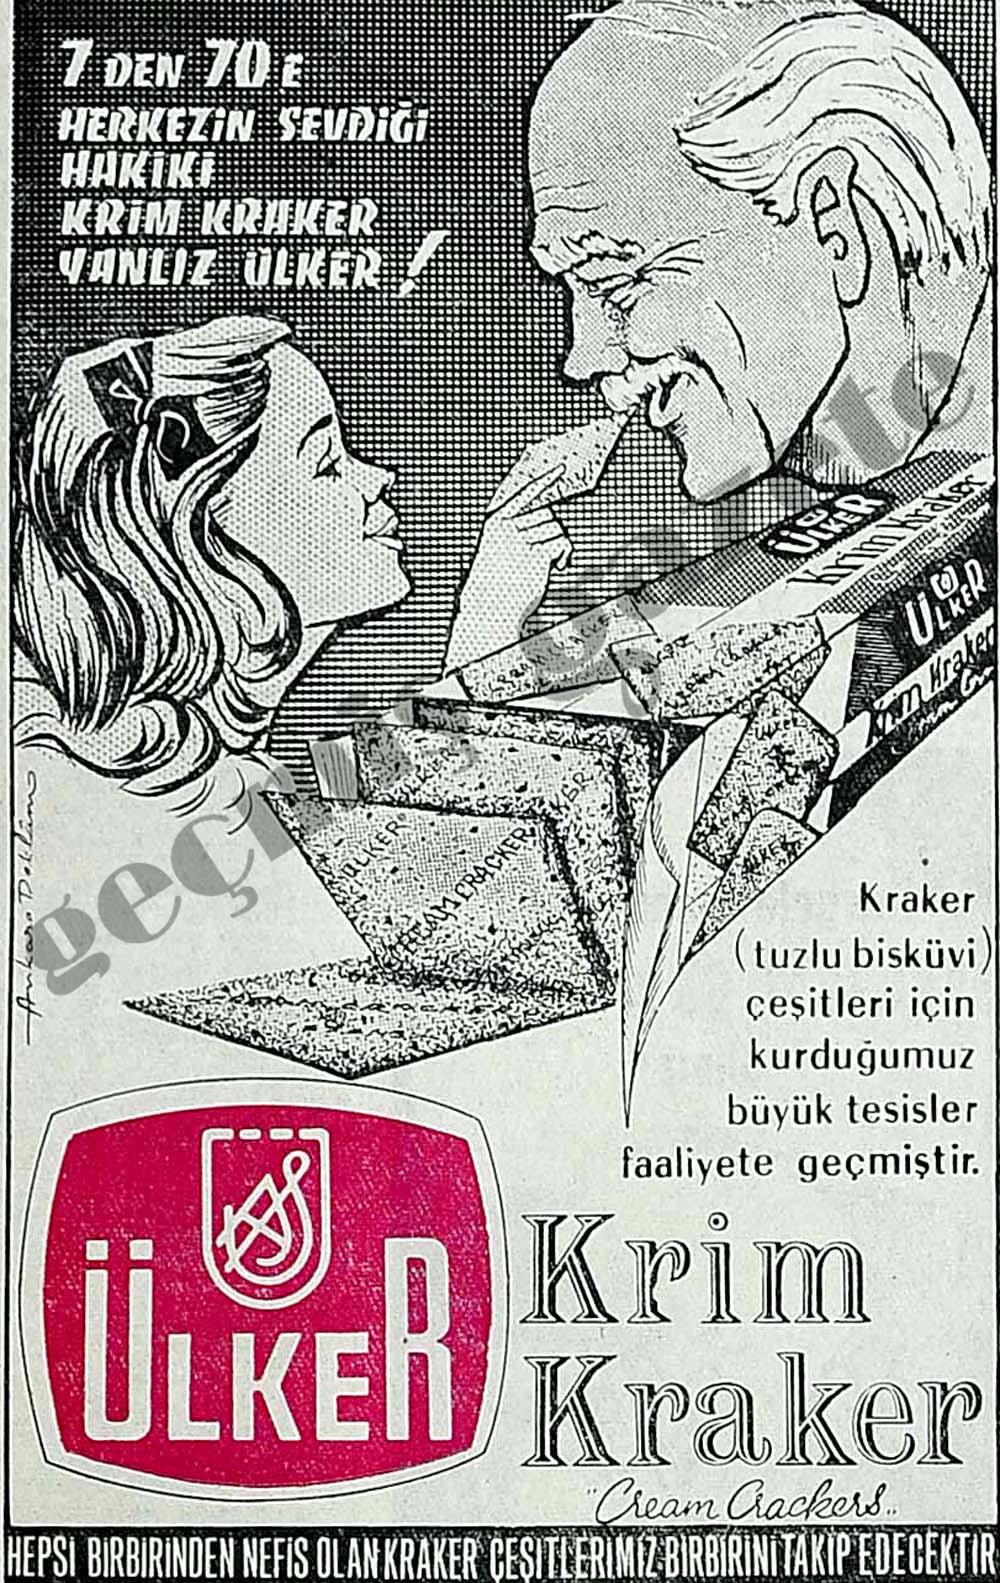 Ülker Krim Kraker